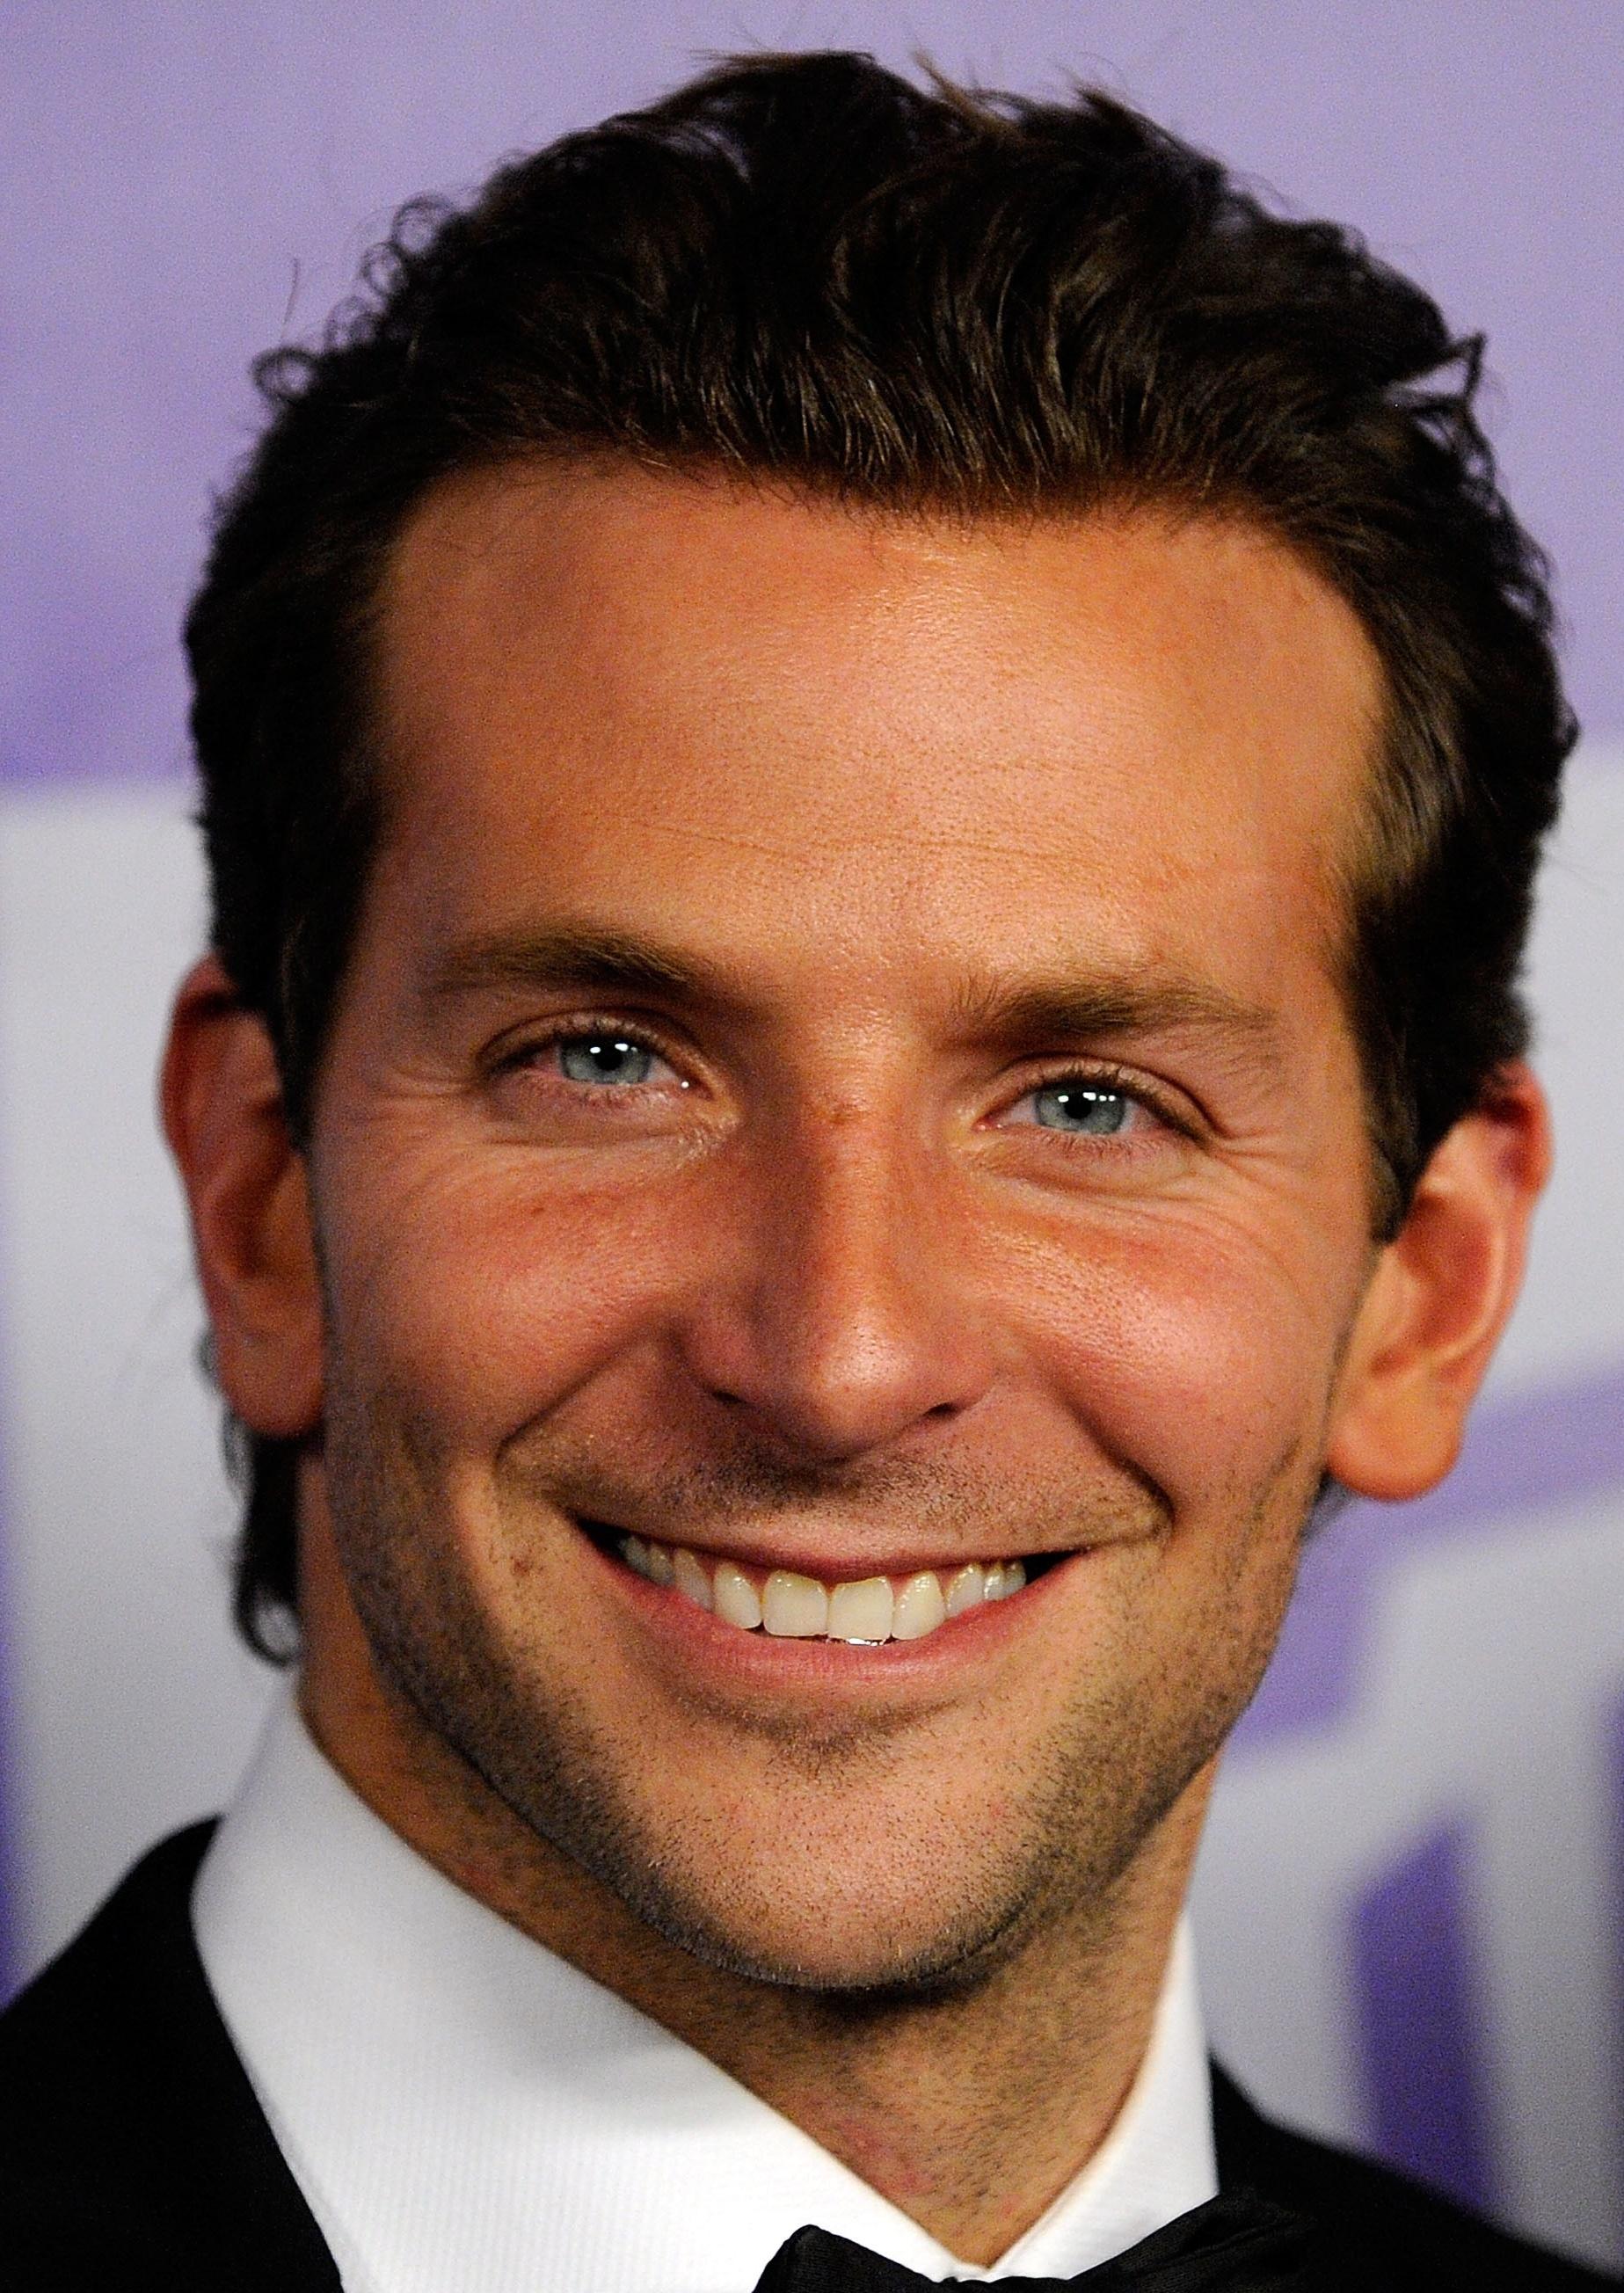 Bradley Cooper photo 5... Bradley Cooper Md